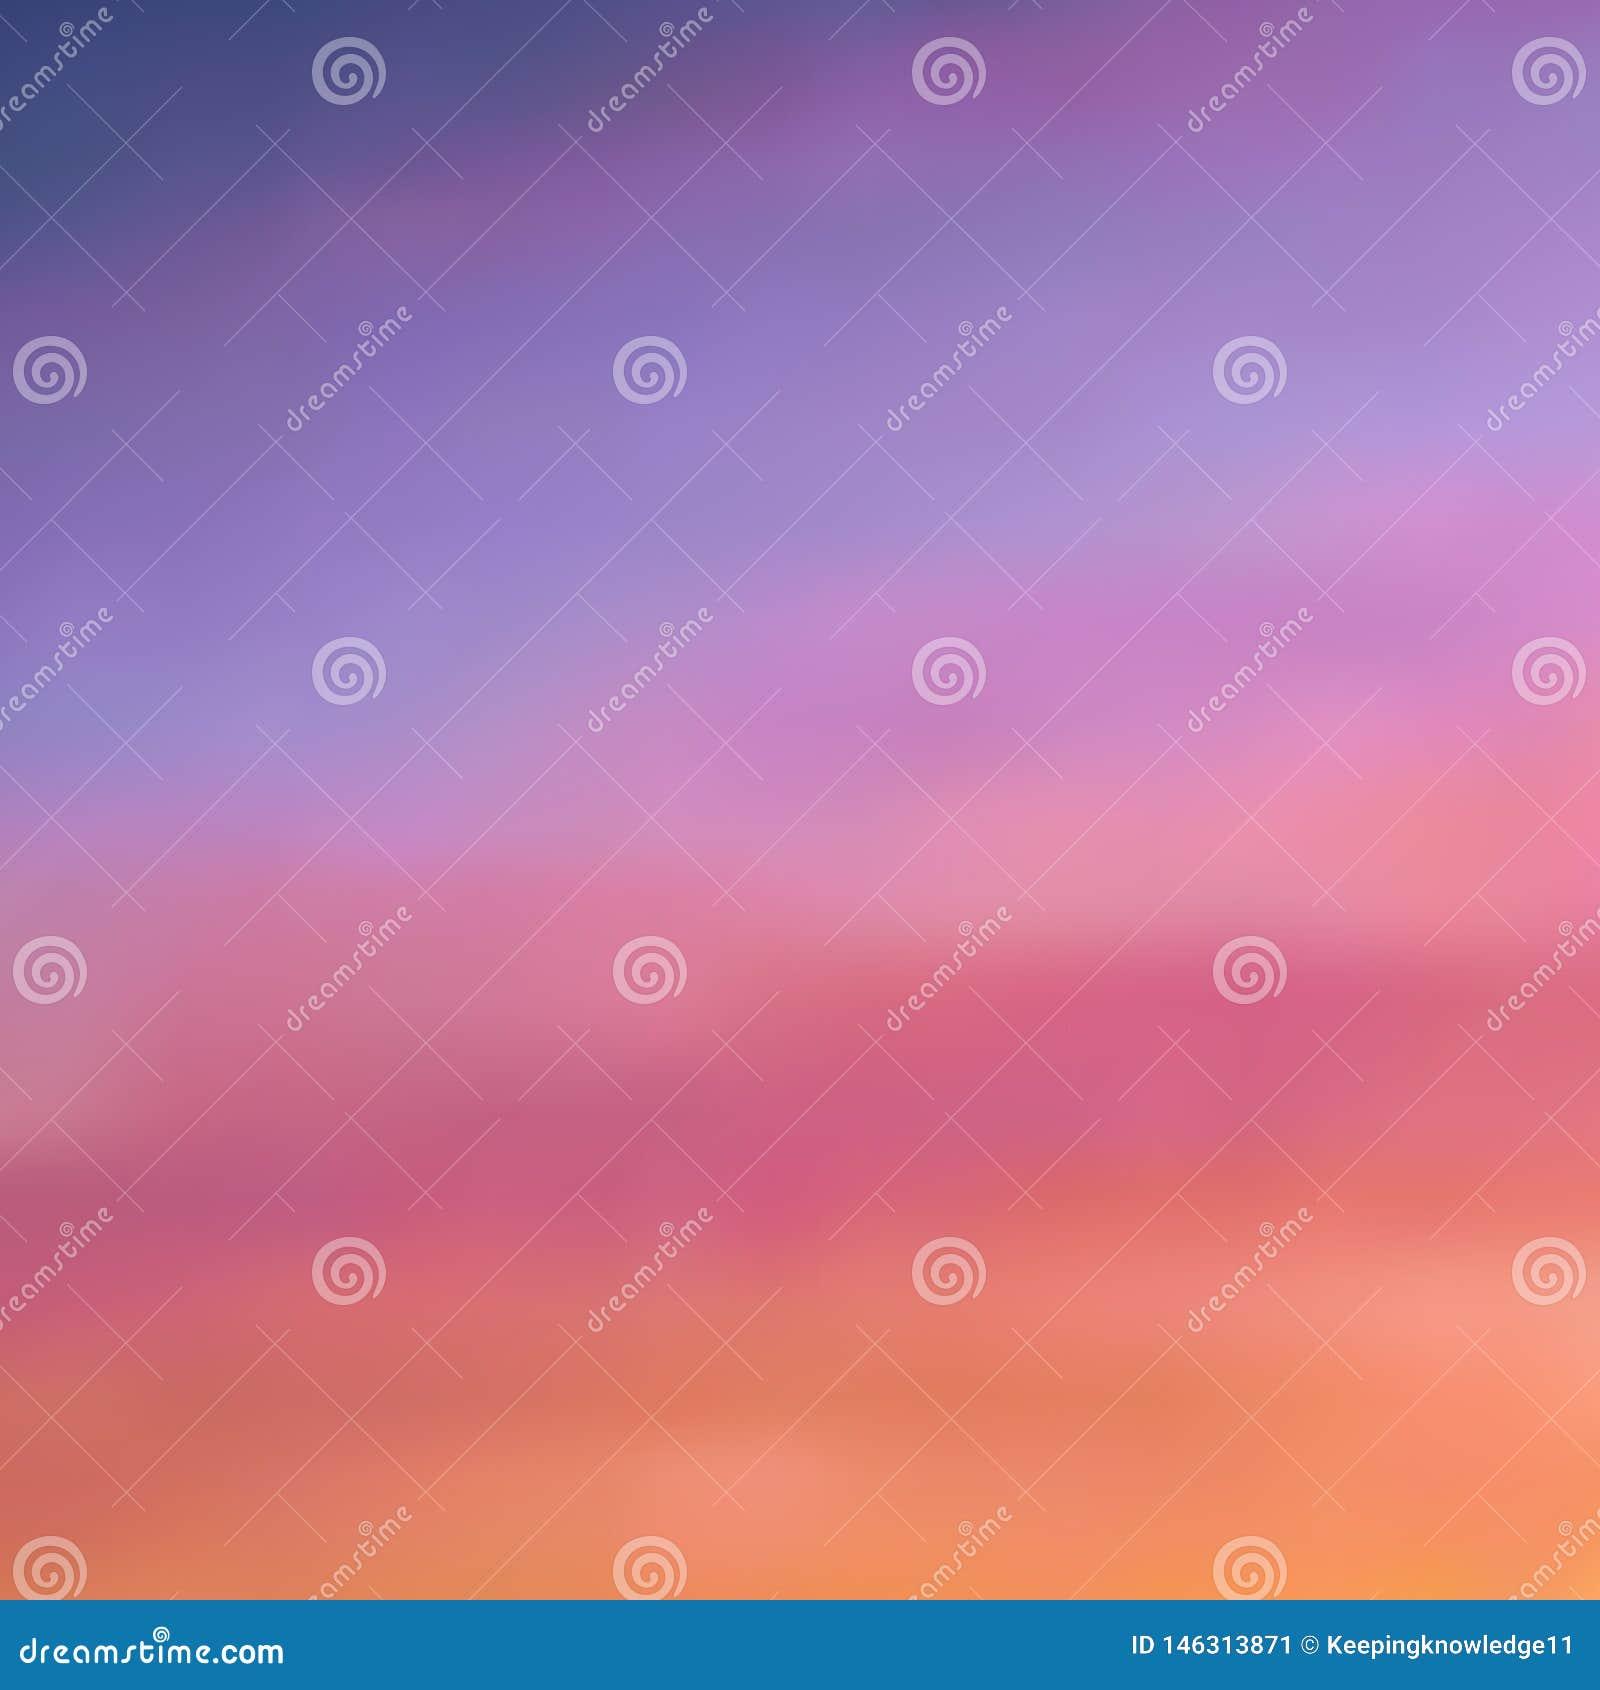 Schöner unscharfer Hintergrund in den warmen purpurrot-rosa und orange Tönen, Sonnenunterganghimmel mit hellem Abstauben der Wolk